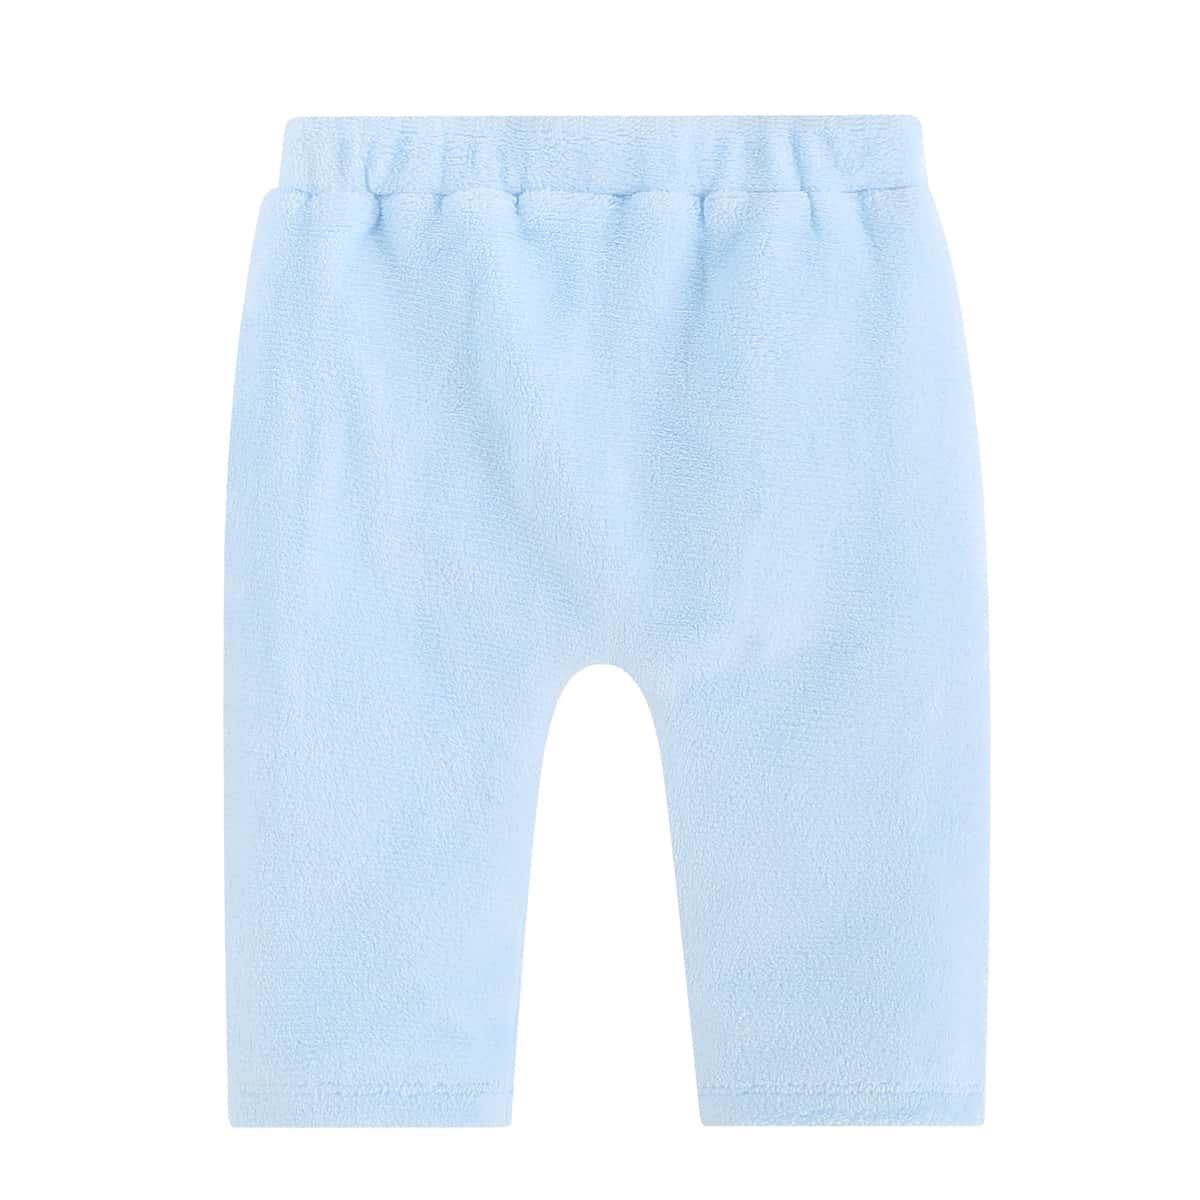 С вышивкой мультяшный принт милый брюки для маленьких девочек